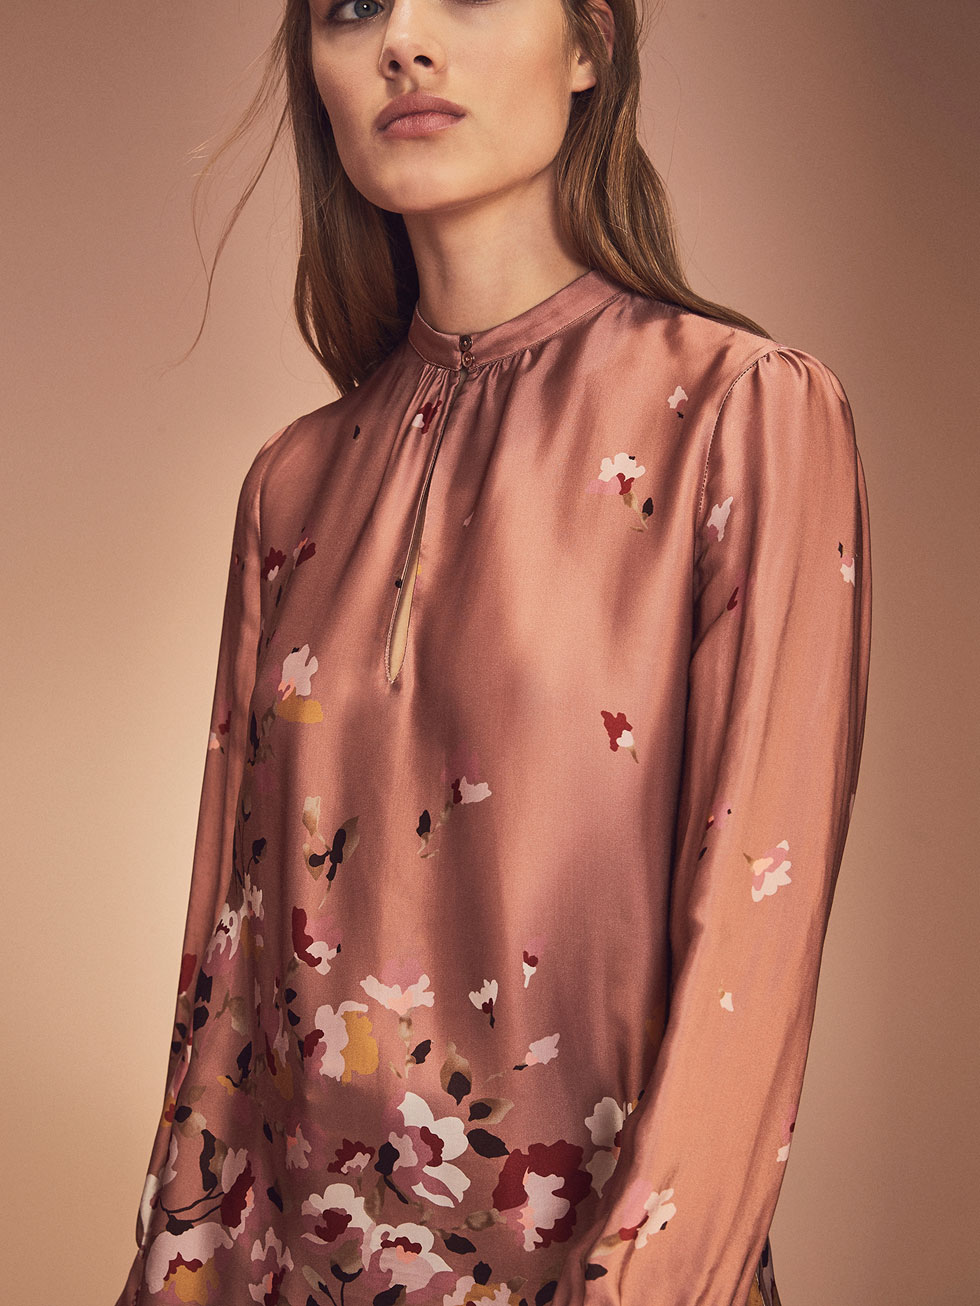 FOTO 3: Blusa floral Massimo Dutti. (Letizia y Marcelo)